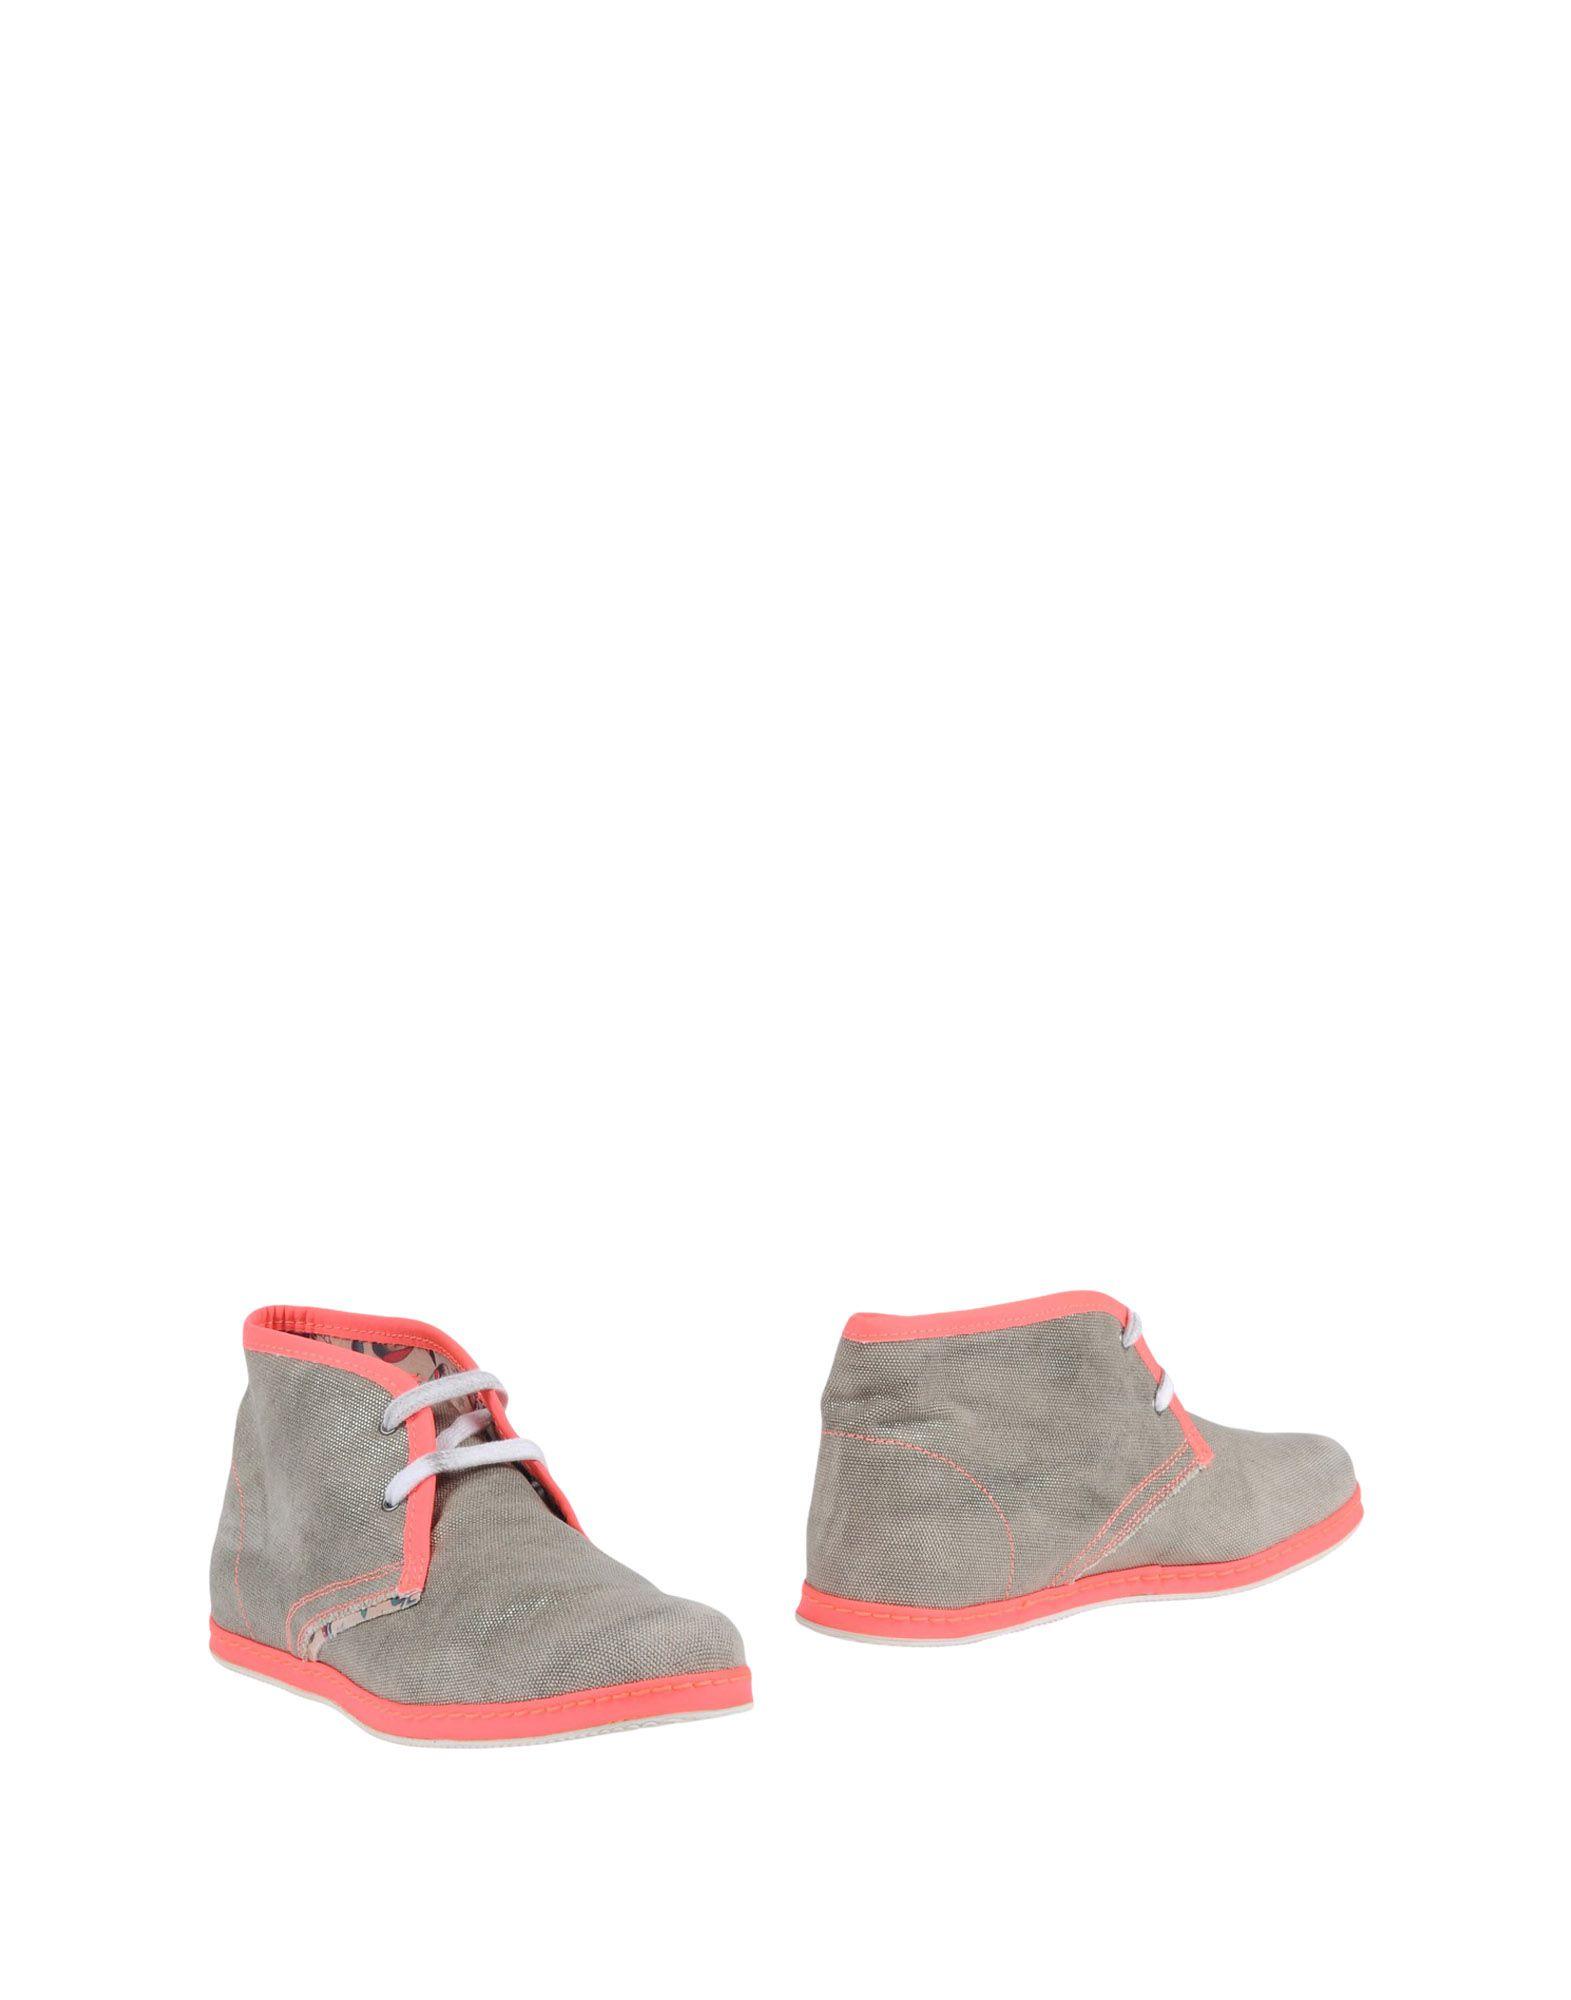 Le Crown Stiefelette Damen  11442461MT Gute Qualität beliebte Schuhe